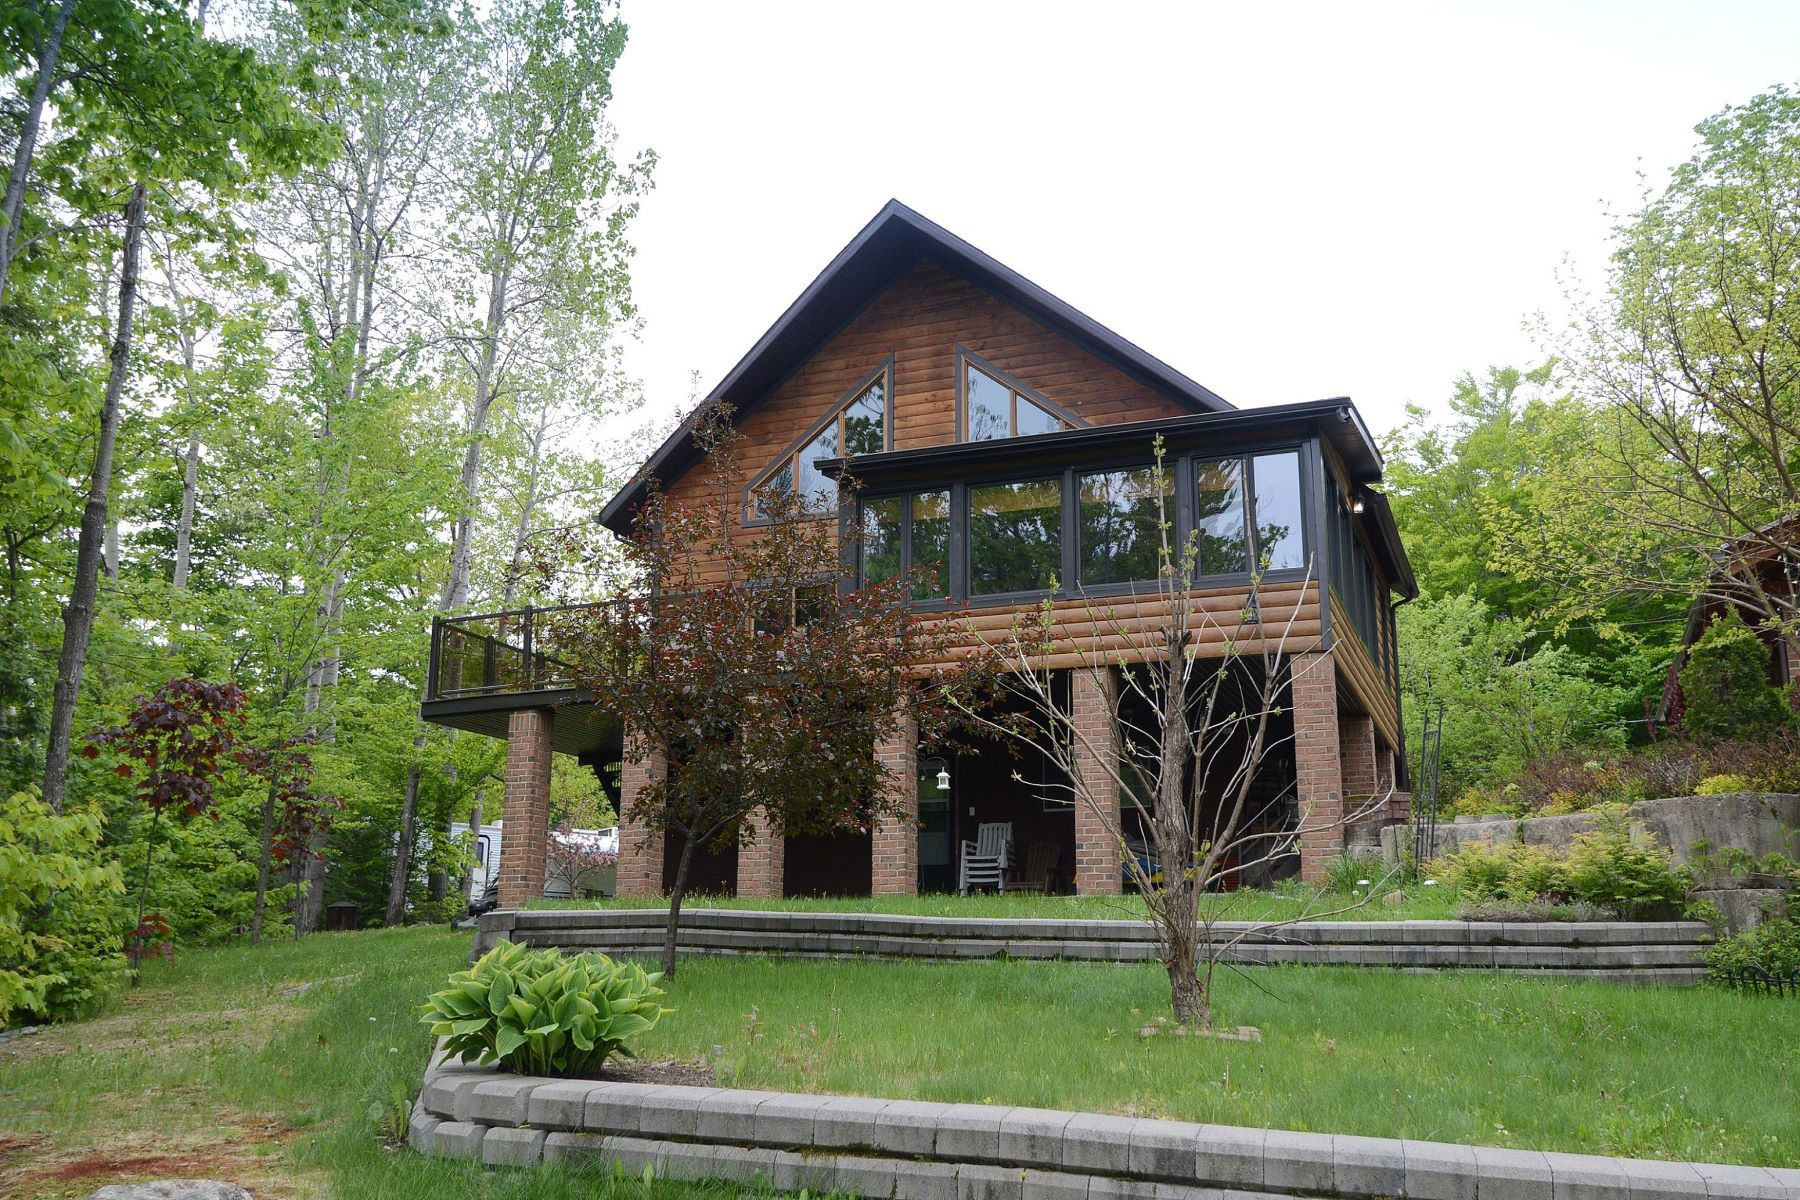 Single Family Home for Sale at Saint-Calixte, Lanaudière 255 Rue des Papillons, Saint-Calixte, Quebec, J0K1Z0 Canada